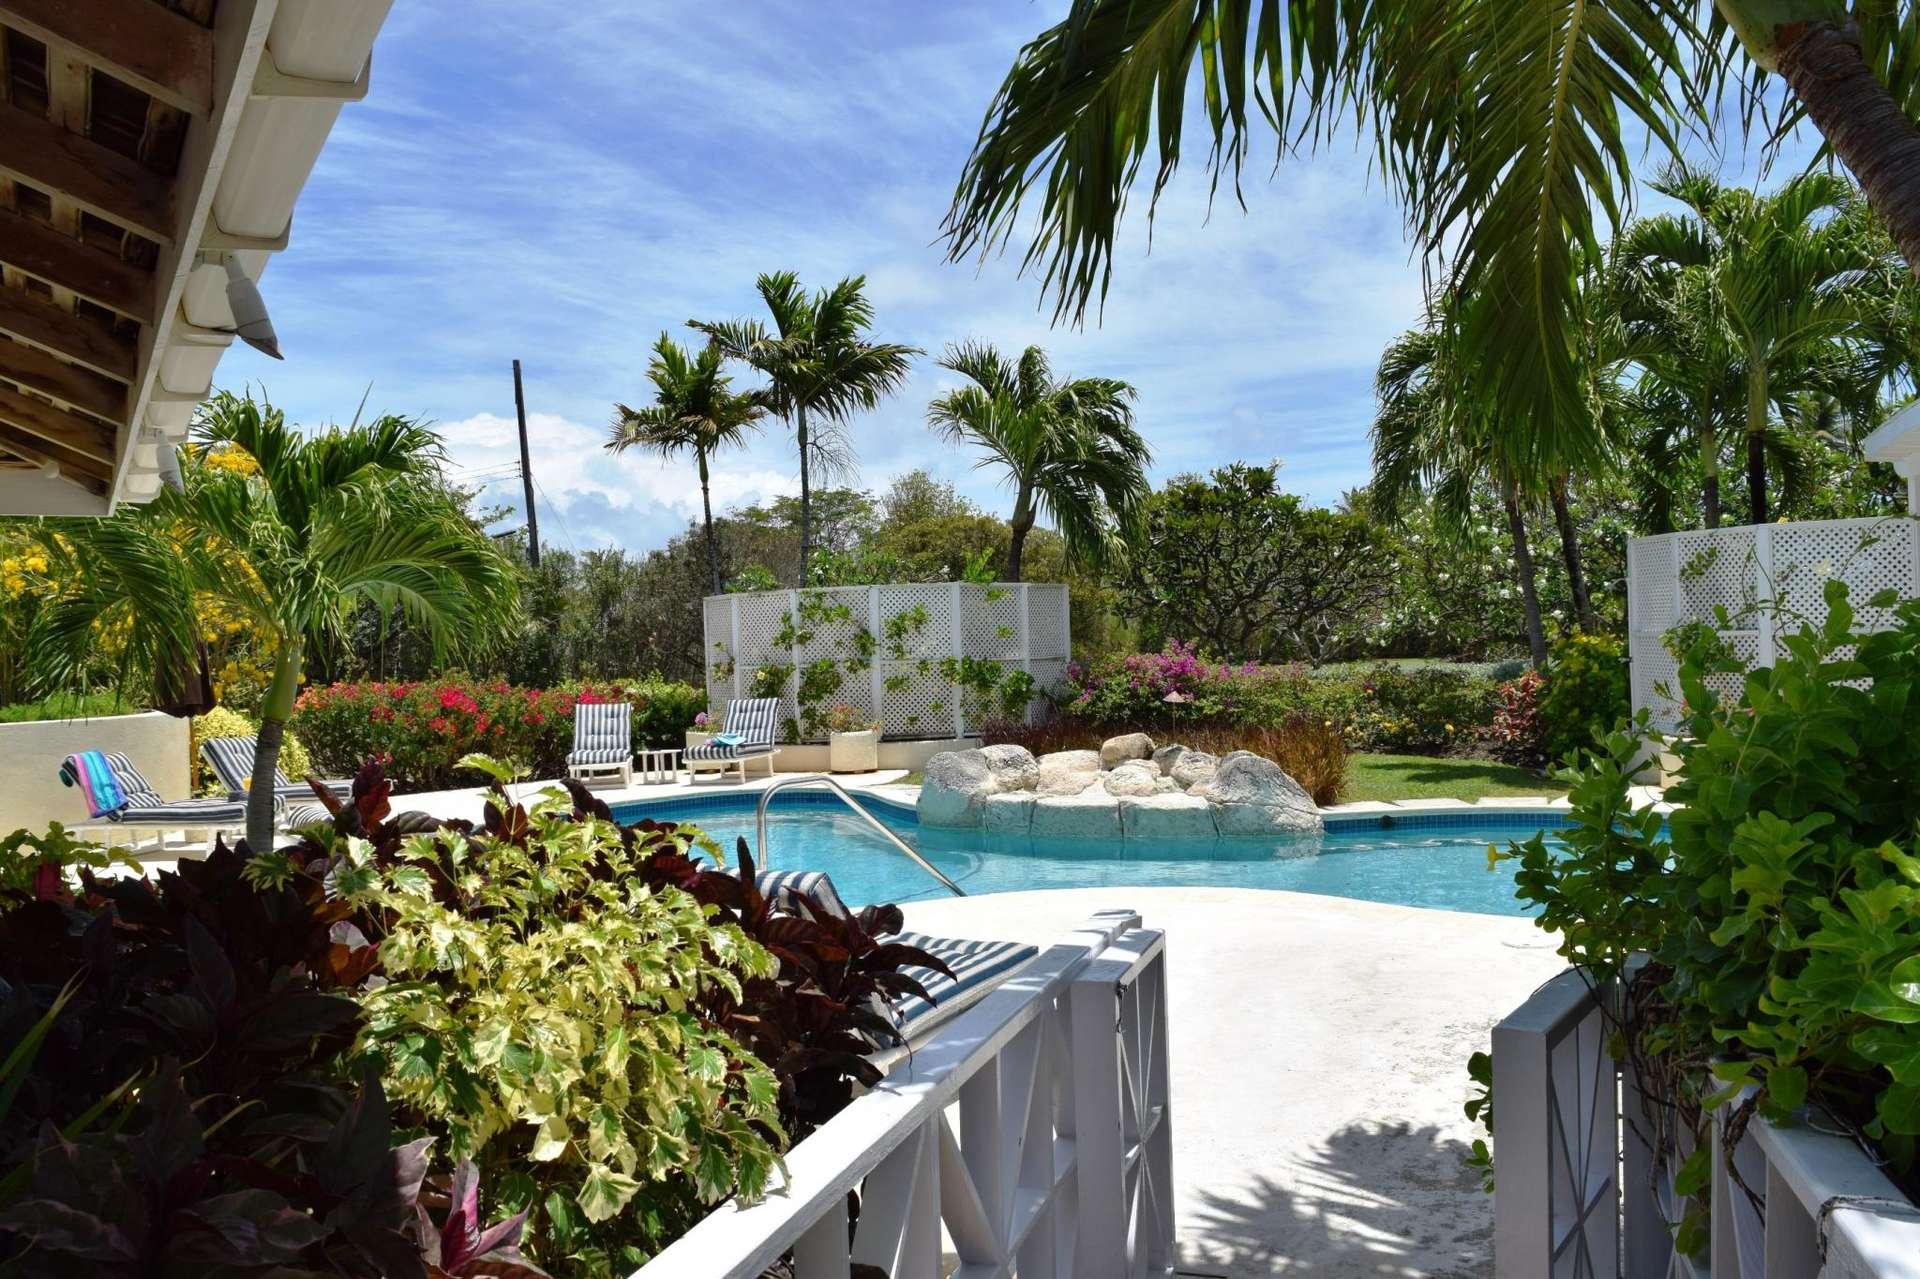 Luxury villa rentals caribbean - Barbados - St philip - Long bay barbados - Hunter Cottage - Image 1/20